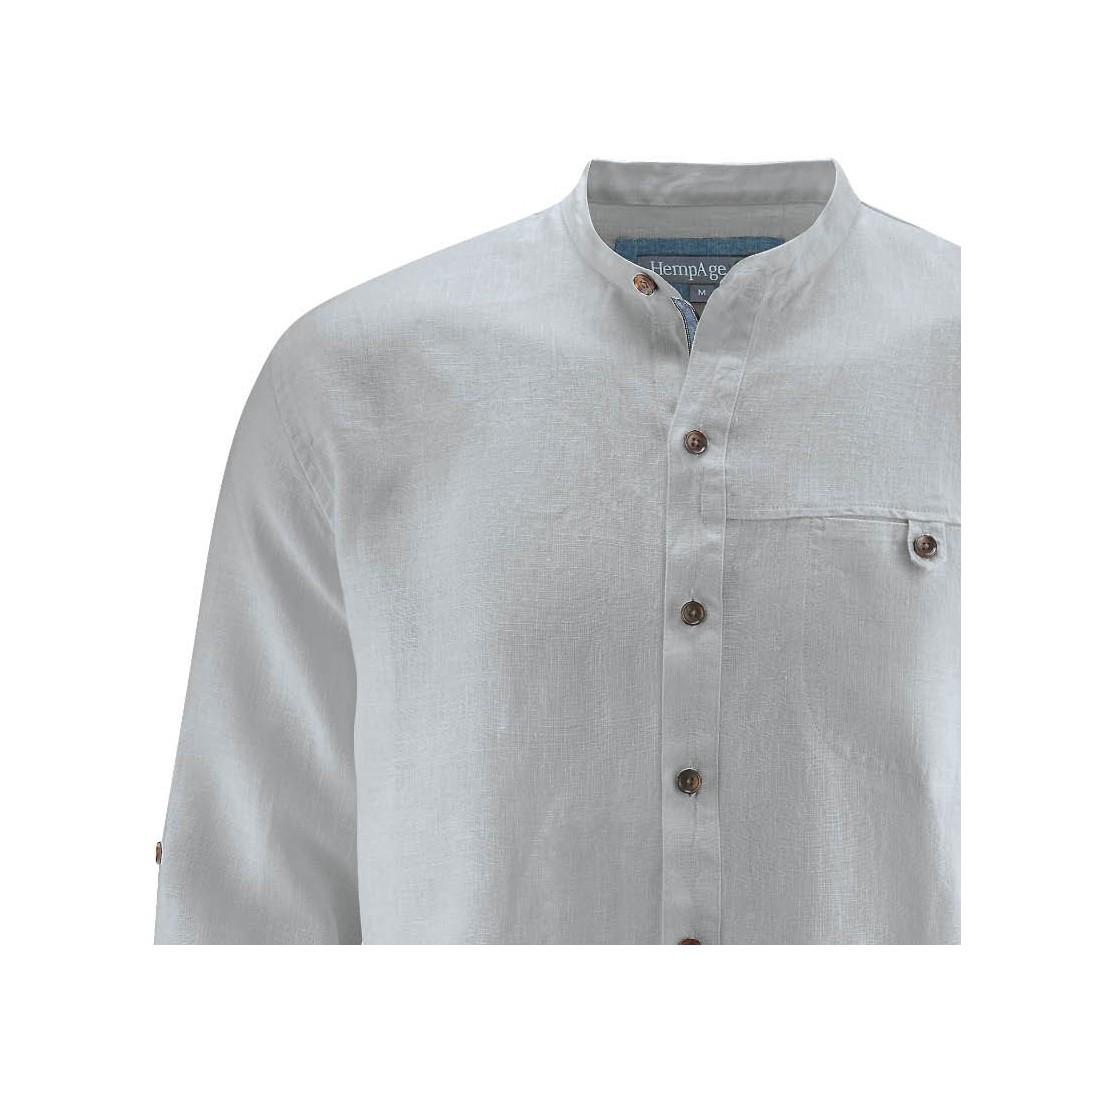 venta oficial Precio reducido códigos de cupón Camisa de cuello Mao - Comercio justo HempAge